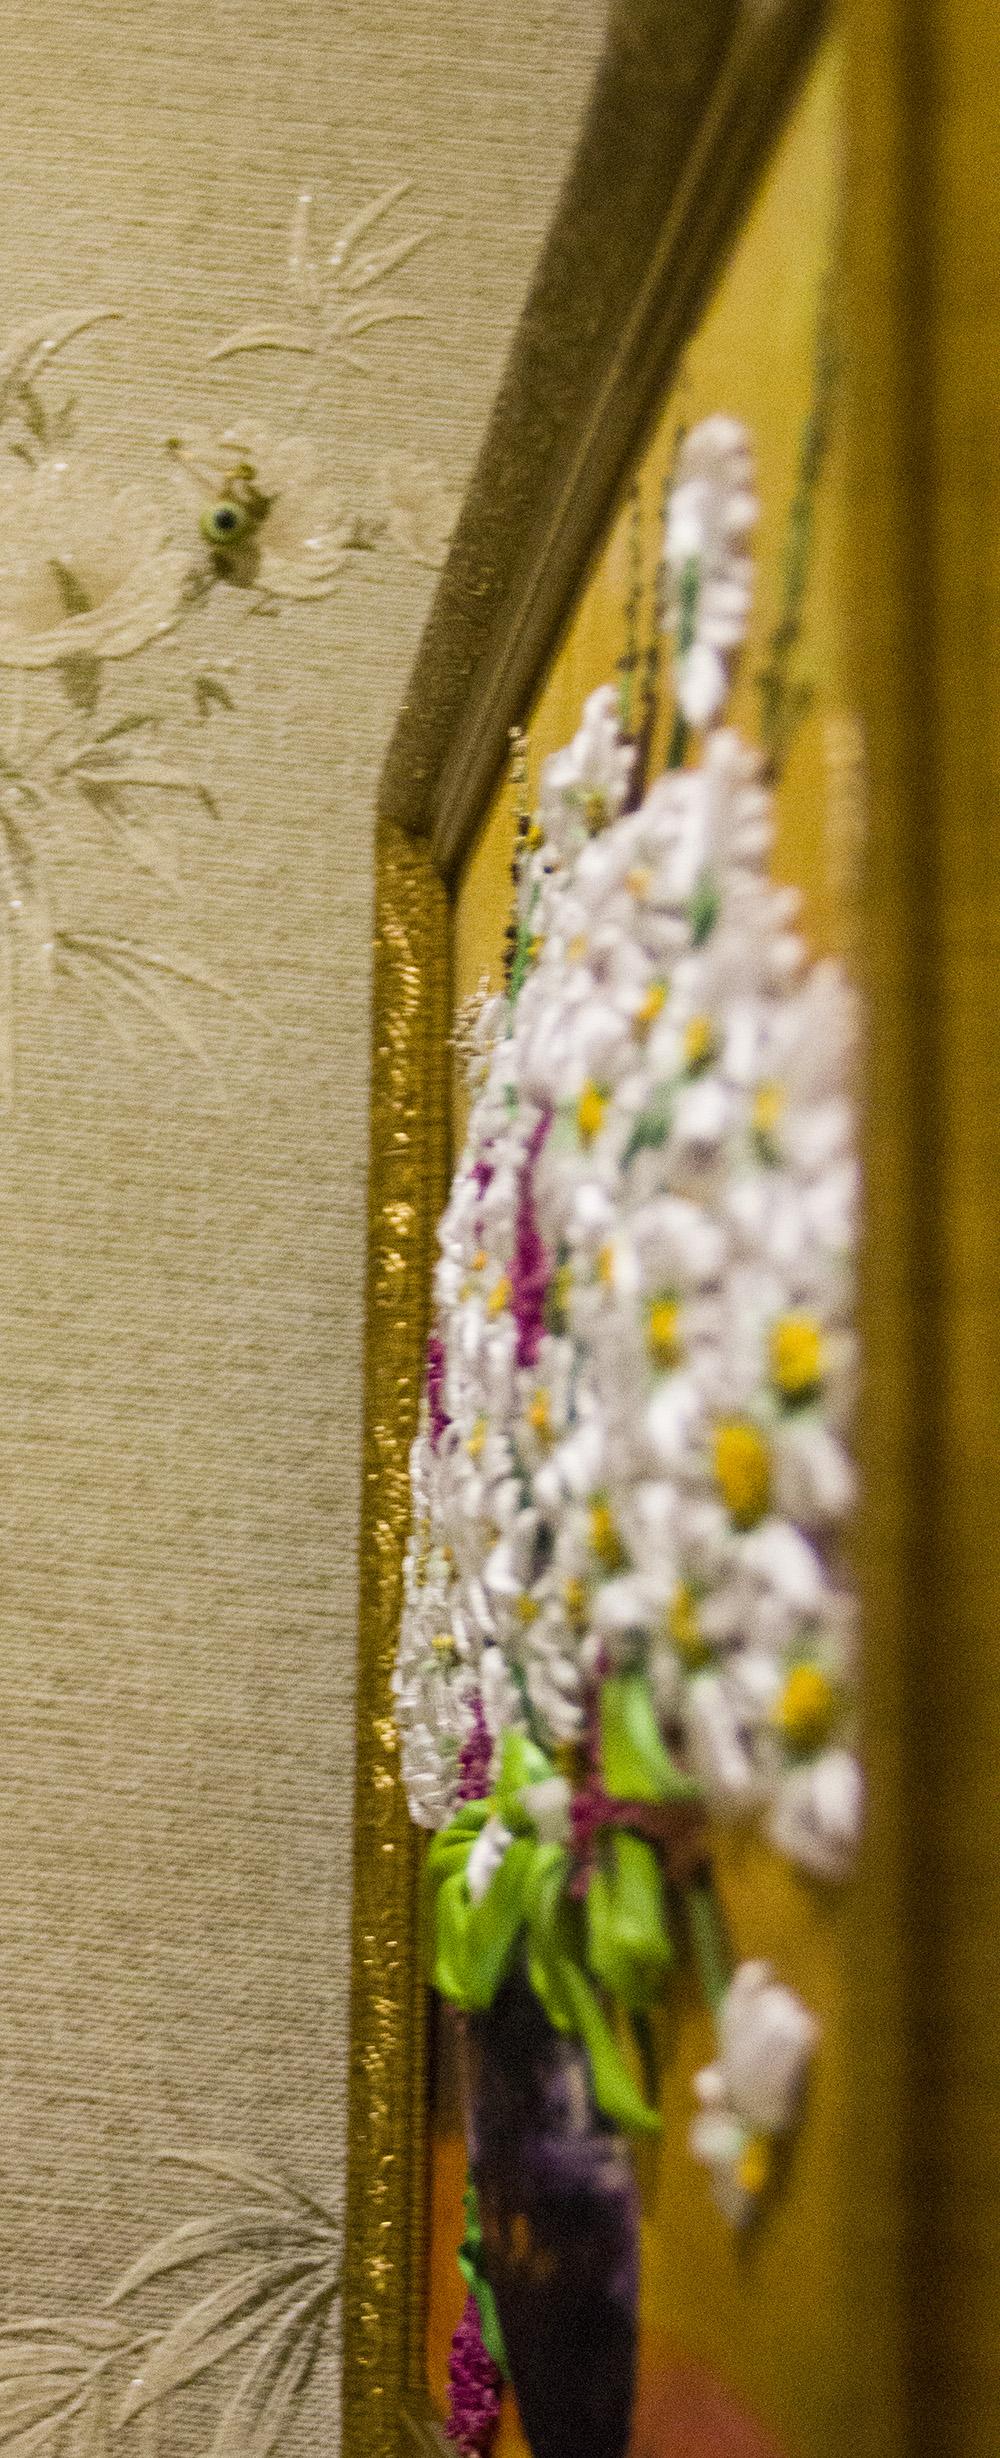 Мастер-класс вышивки маков атласными лентами, а также других полевых и осенних цветов